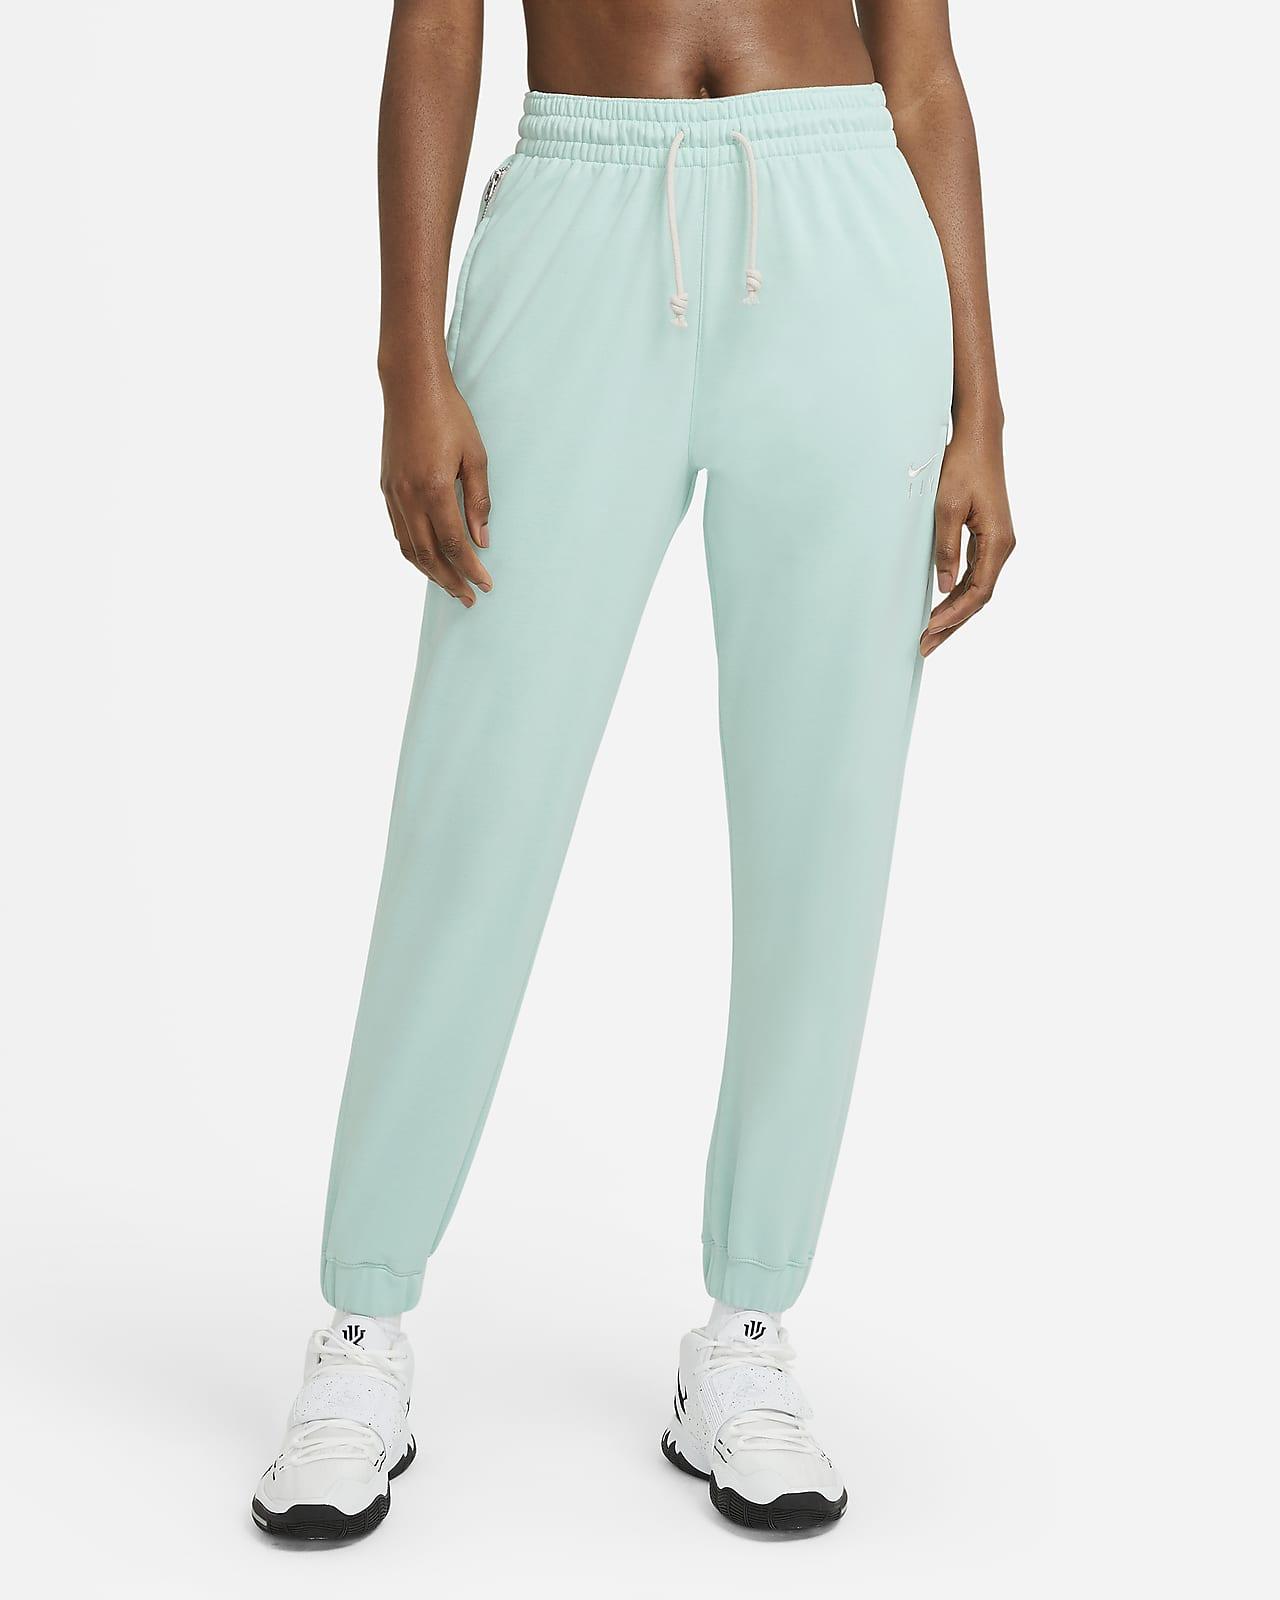 Calças de basquetebol Nike Swoosh Fly Standard Issue para mulher